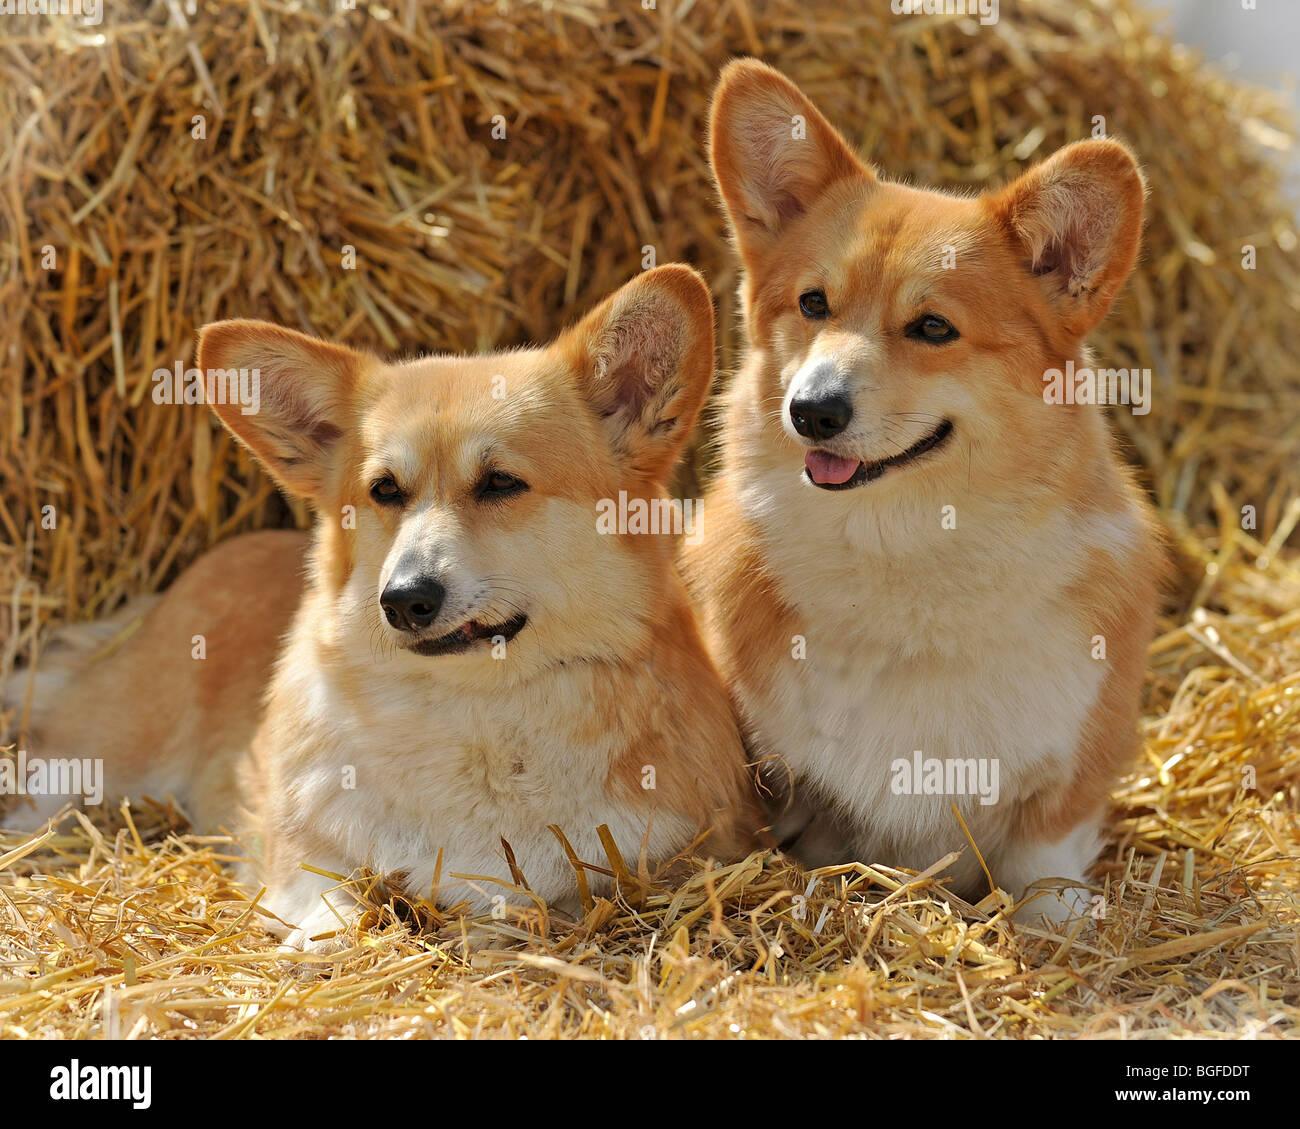 two pembroke corgis - Stock Image